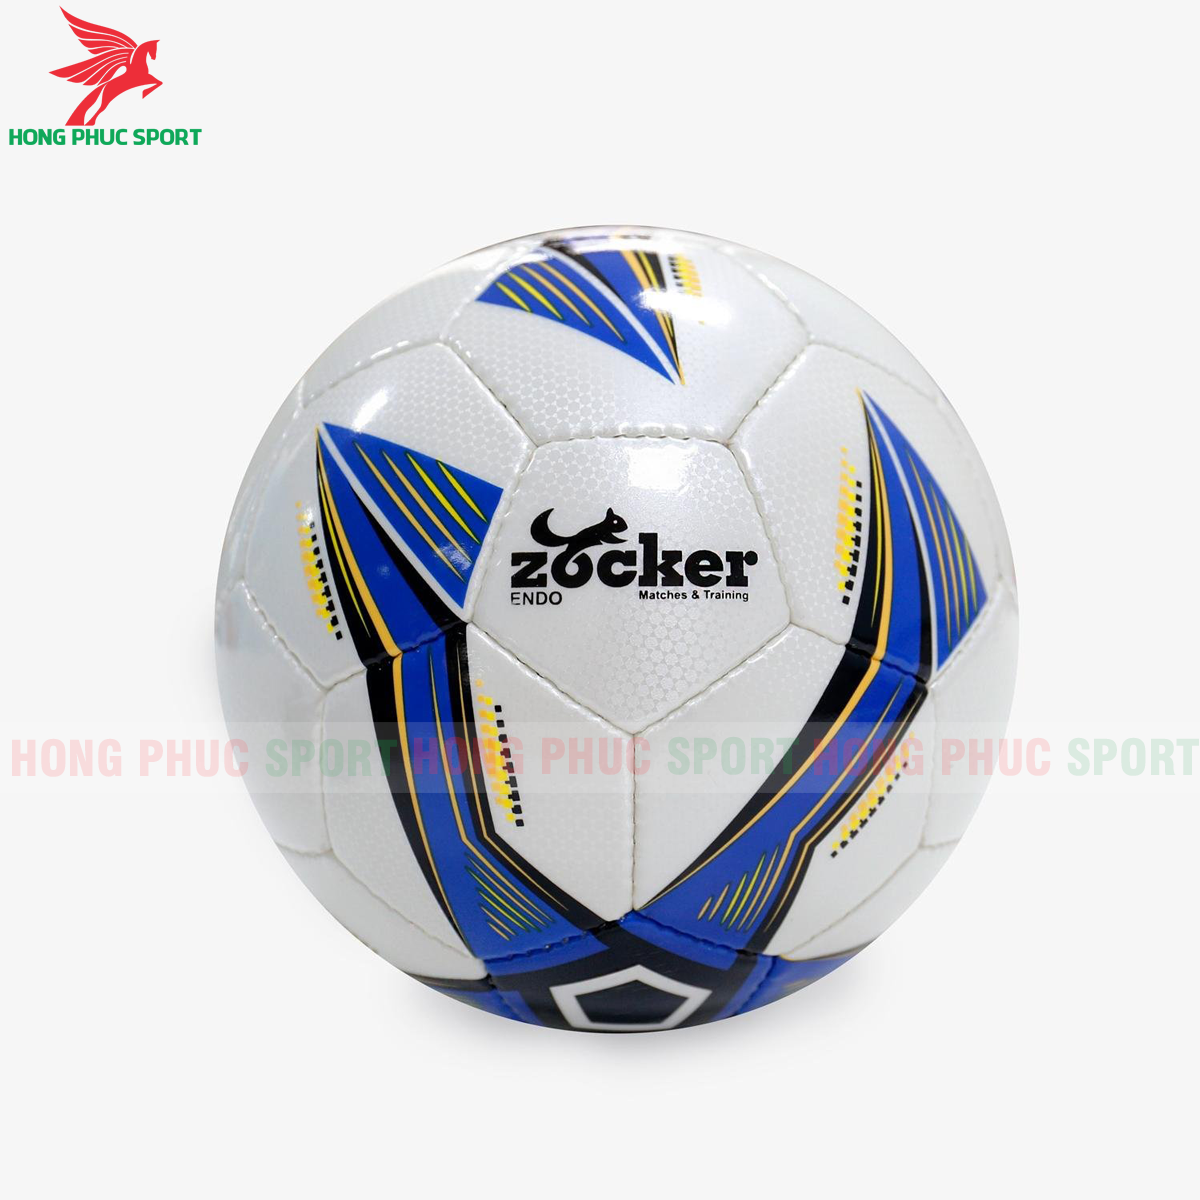 Quả bóng đá Zocker Endo E1910 màu xanh